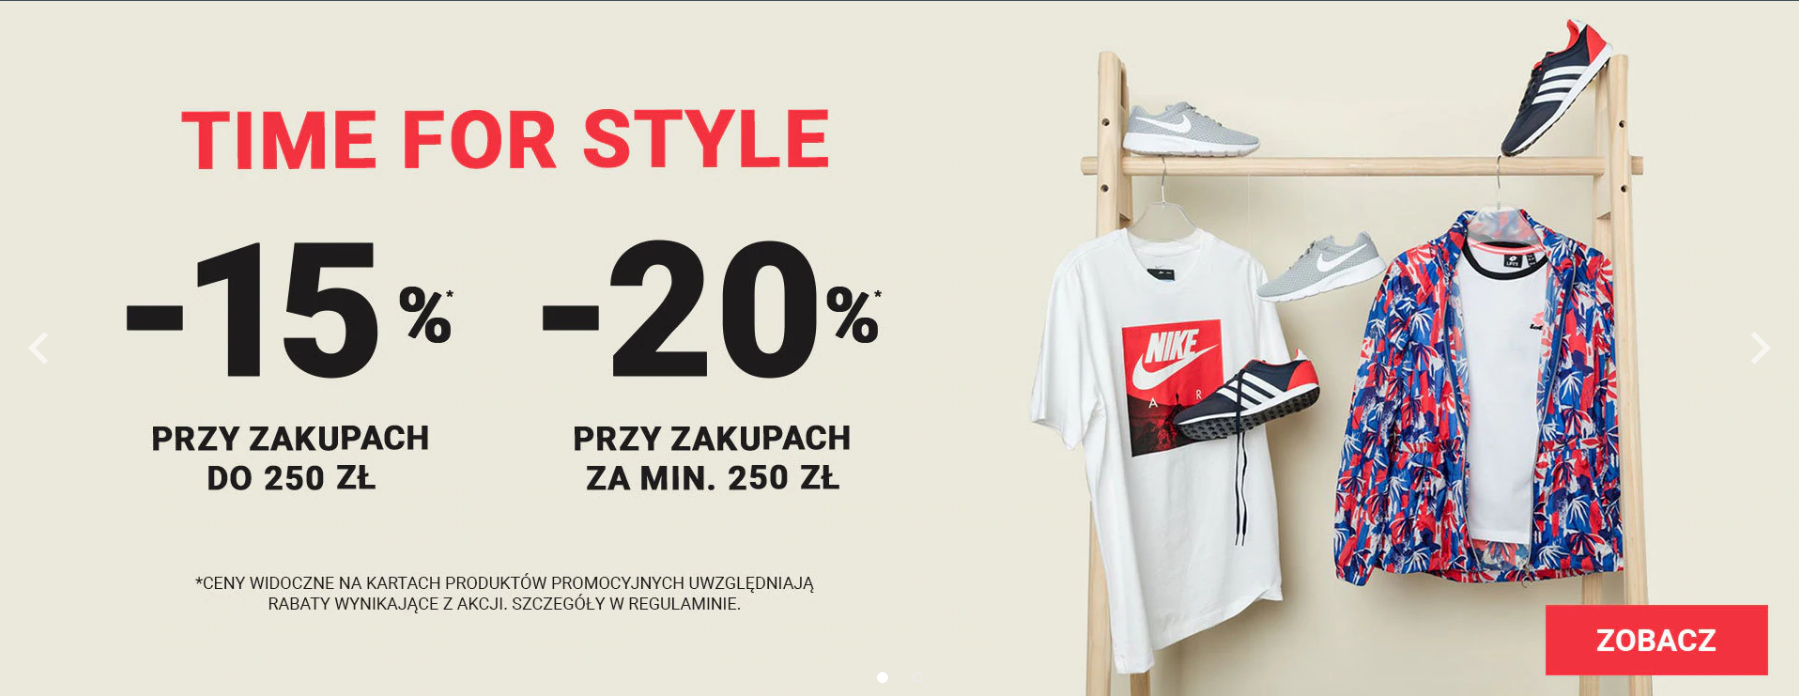 ButySportowe.pl: do 20% rabatu na buty i ubrania sportowe